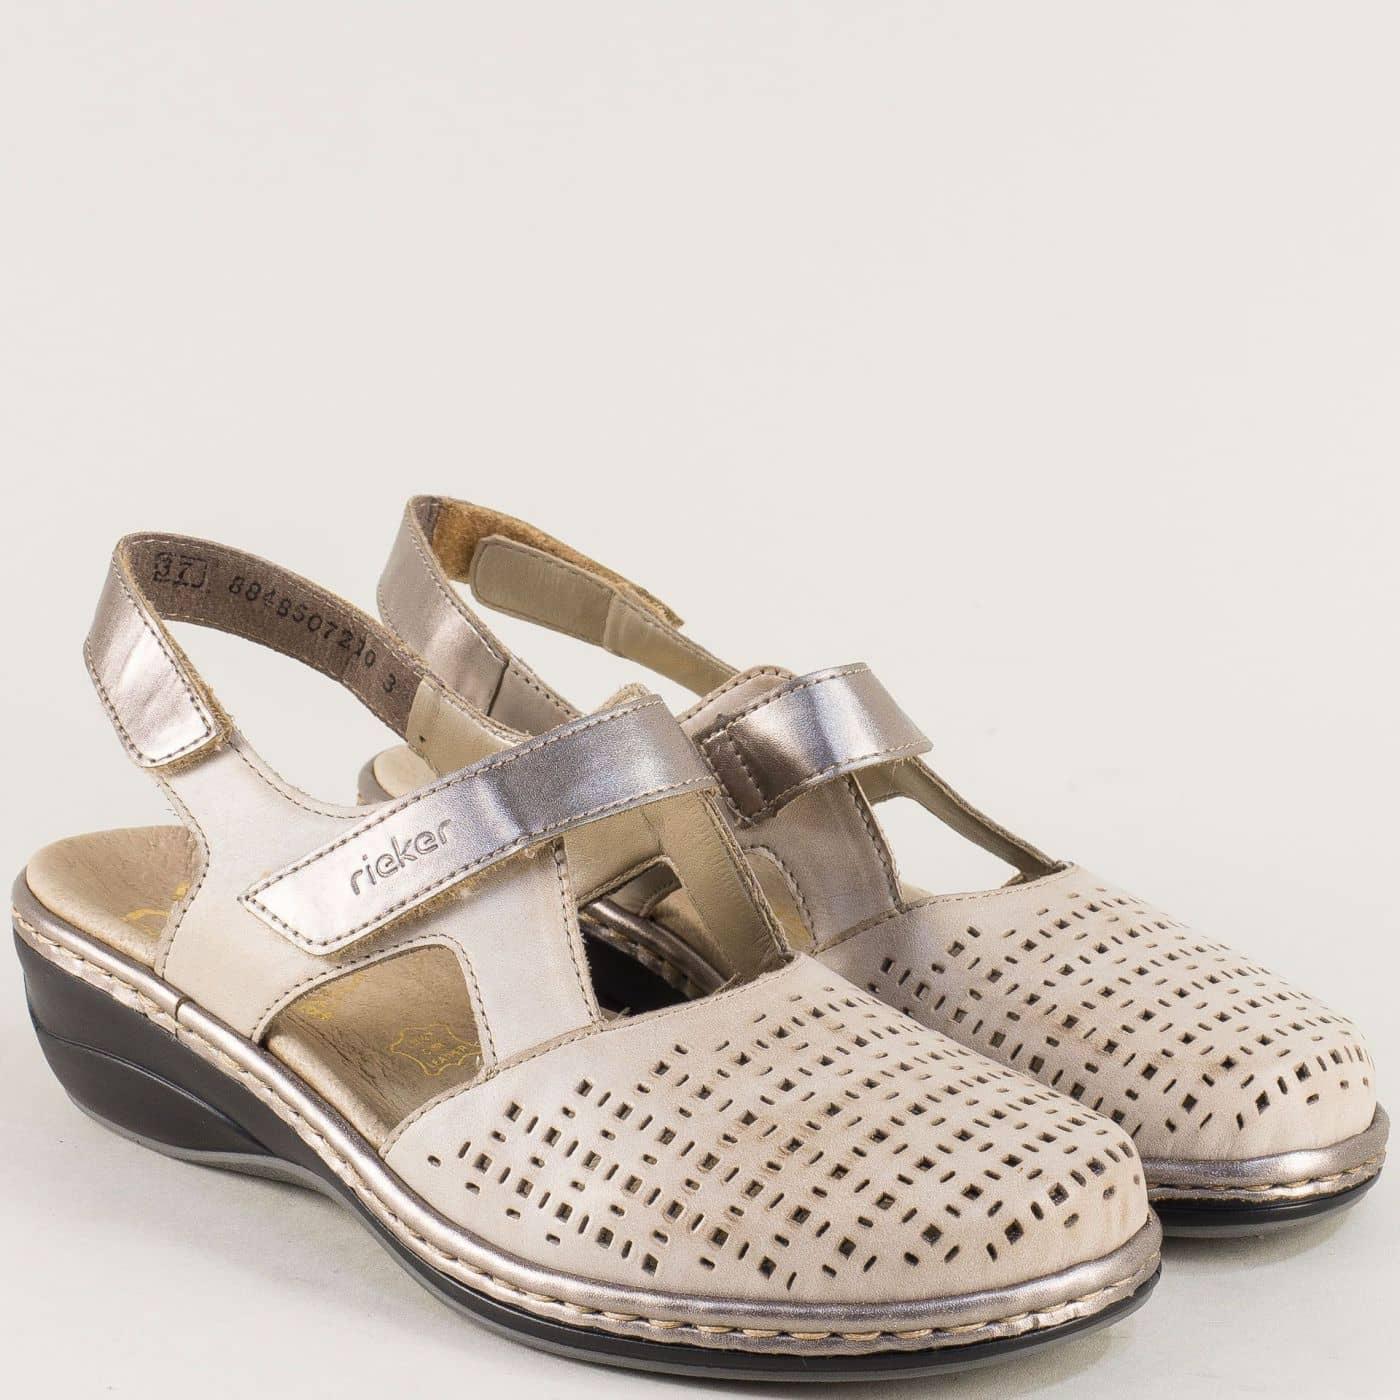 cfc4f21c948 Бежови дамски сандали от естествена кожа с перфорация 47775bj - Sisi-bg.com